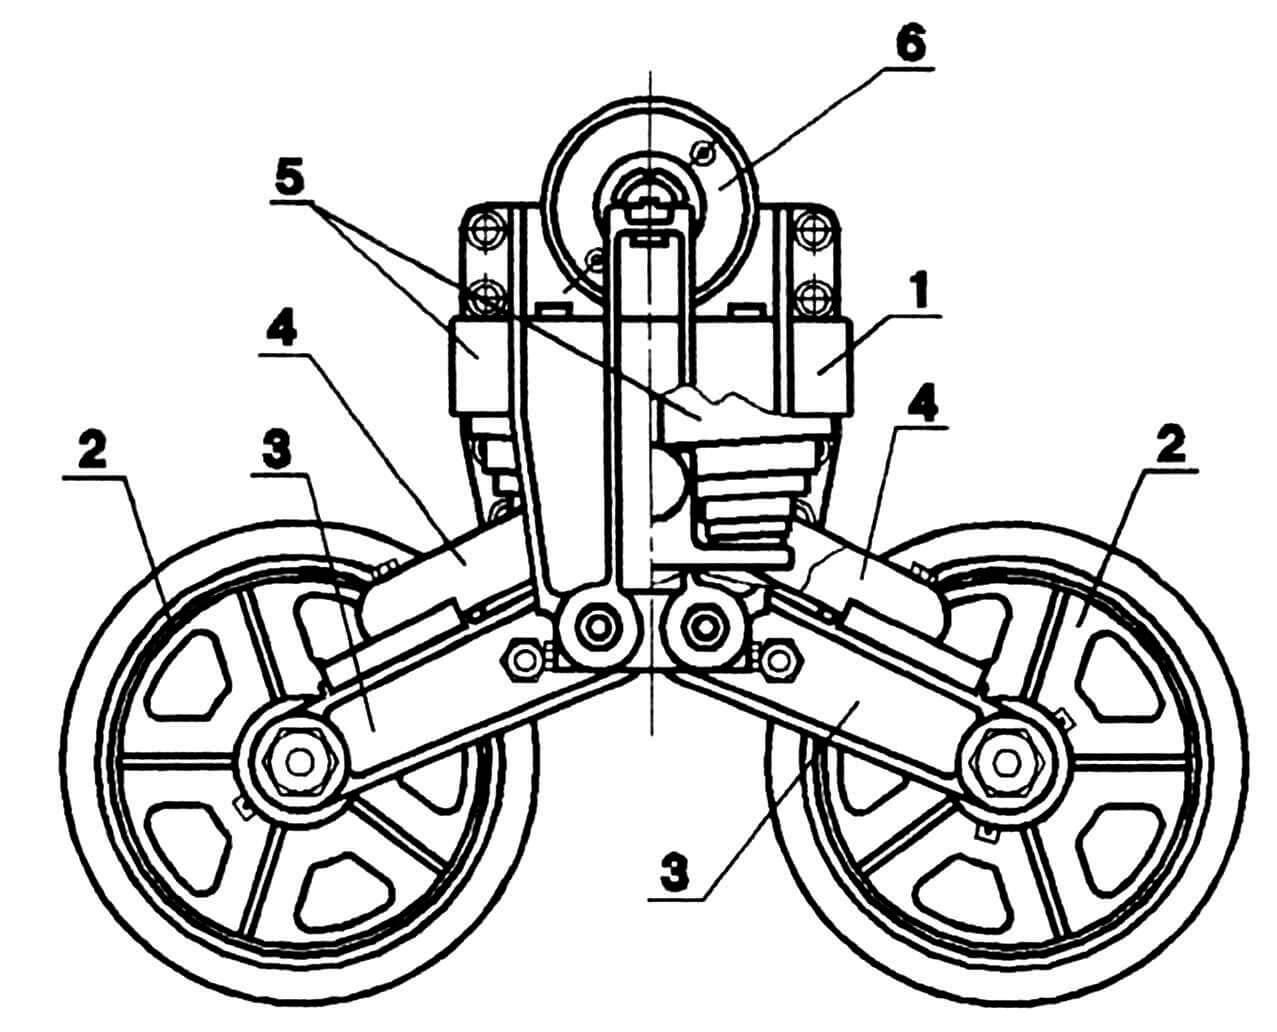 Тележка подвески: 1 — кронштейн тележки, 2 — катки опорные, 3 — коромысла, 4-рычаги двуплечие, 5 — пружины, 6 — каток поддерживающий.